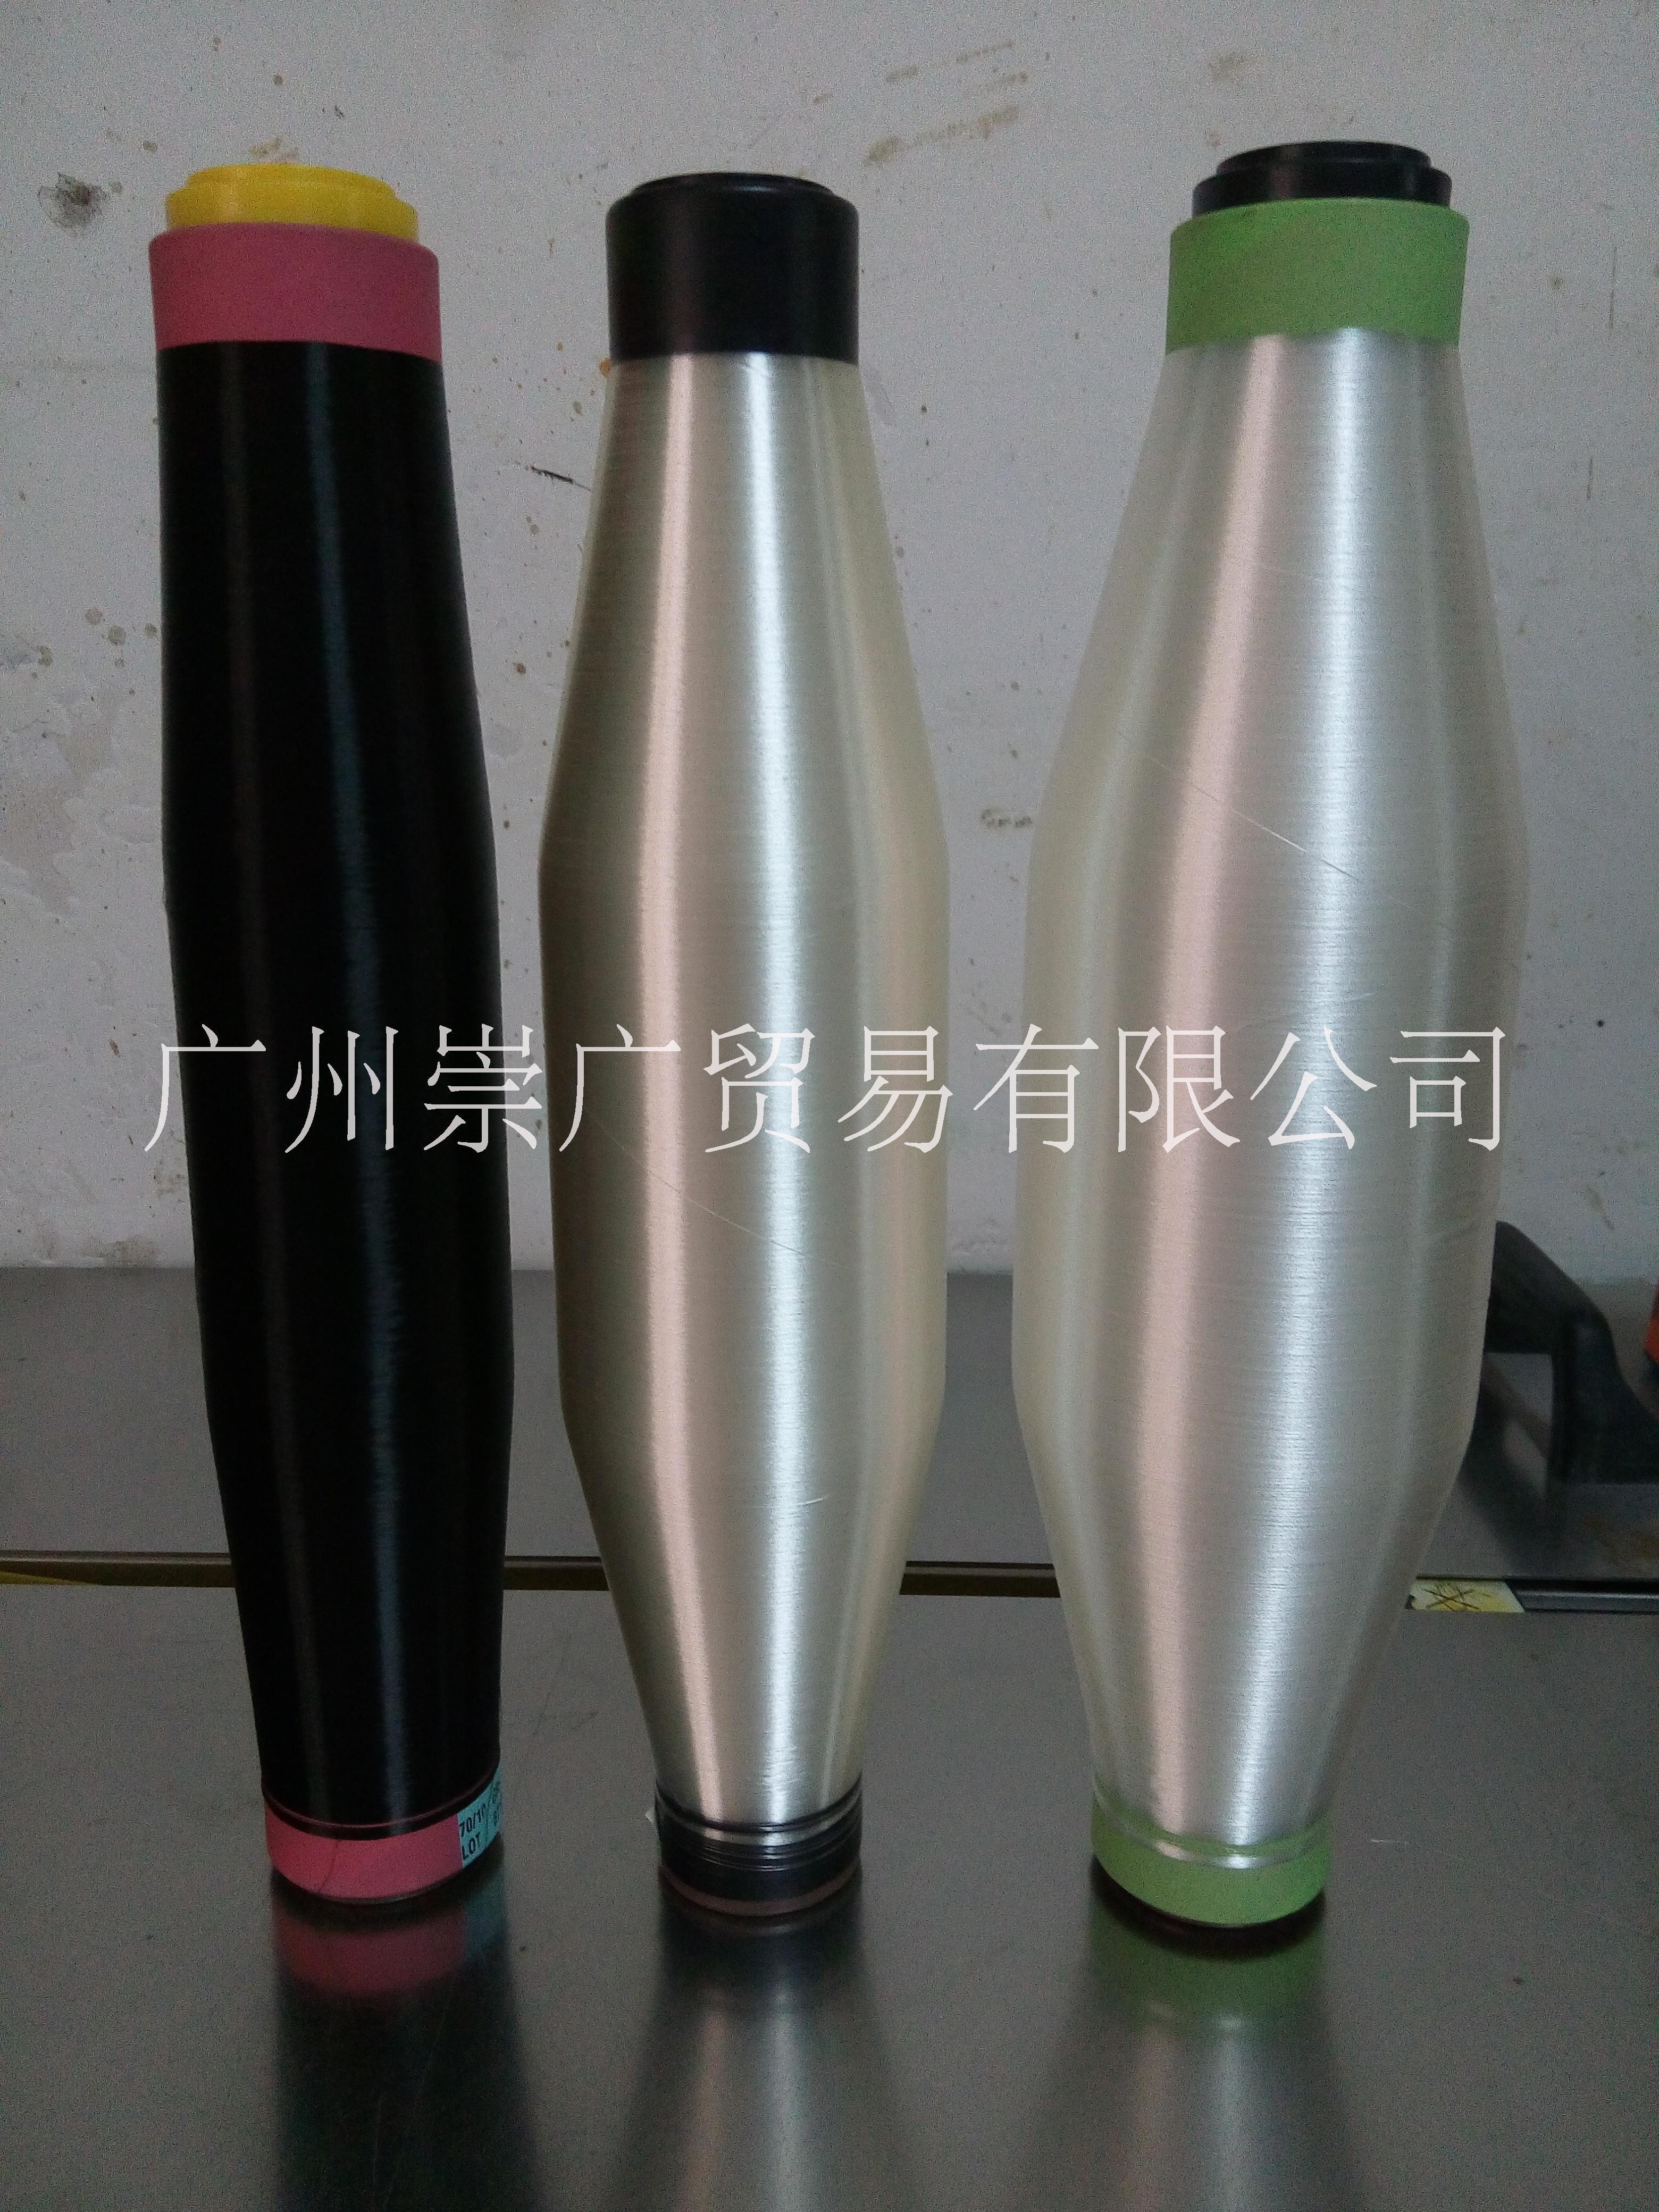 晓星黑色热熔丝 鞋面定型热熔丝广州热熔丝批发易熔丝、低熔点尼龙 针织飞织鞋面定型热熔丝